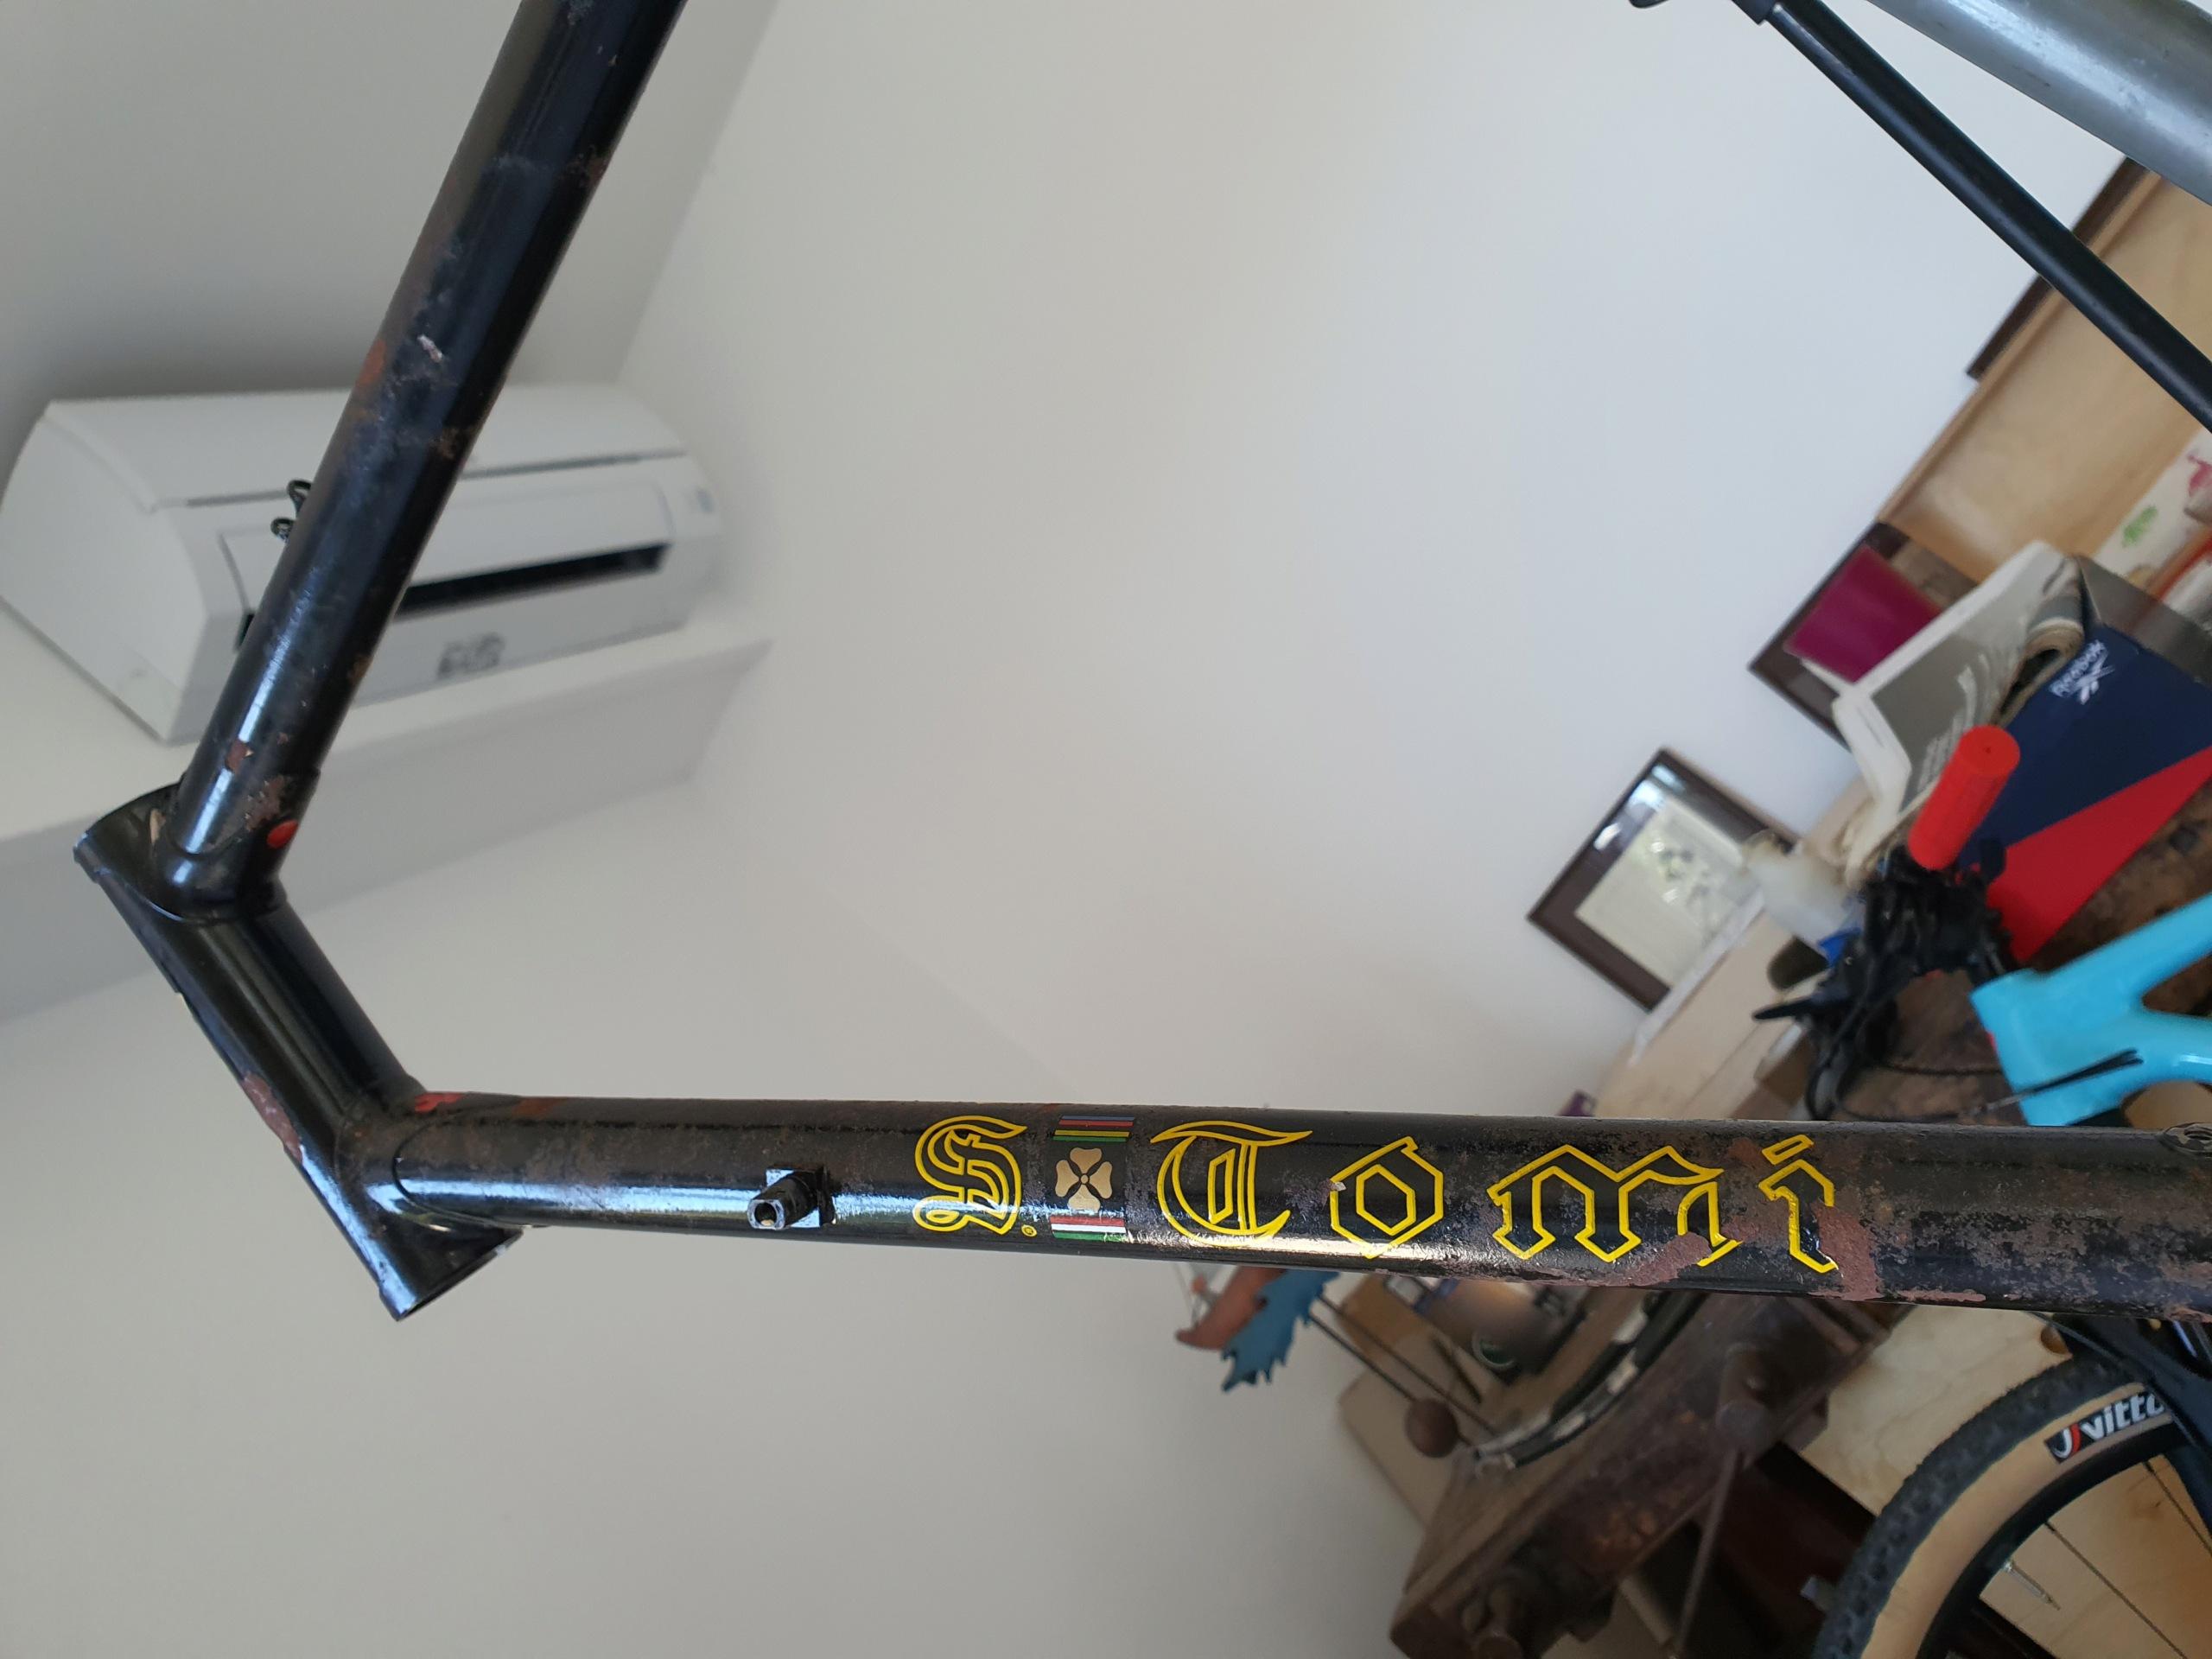 Restauration vélo TOMI 1977 (peut être). Cadre - peinture ou pas? 20211016